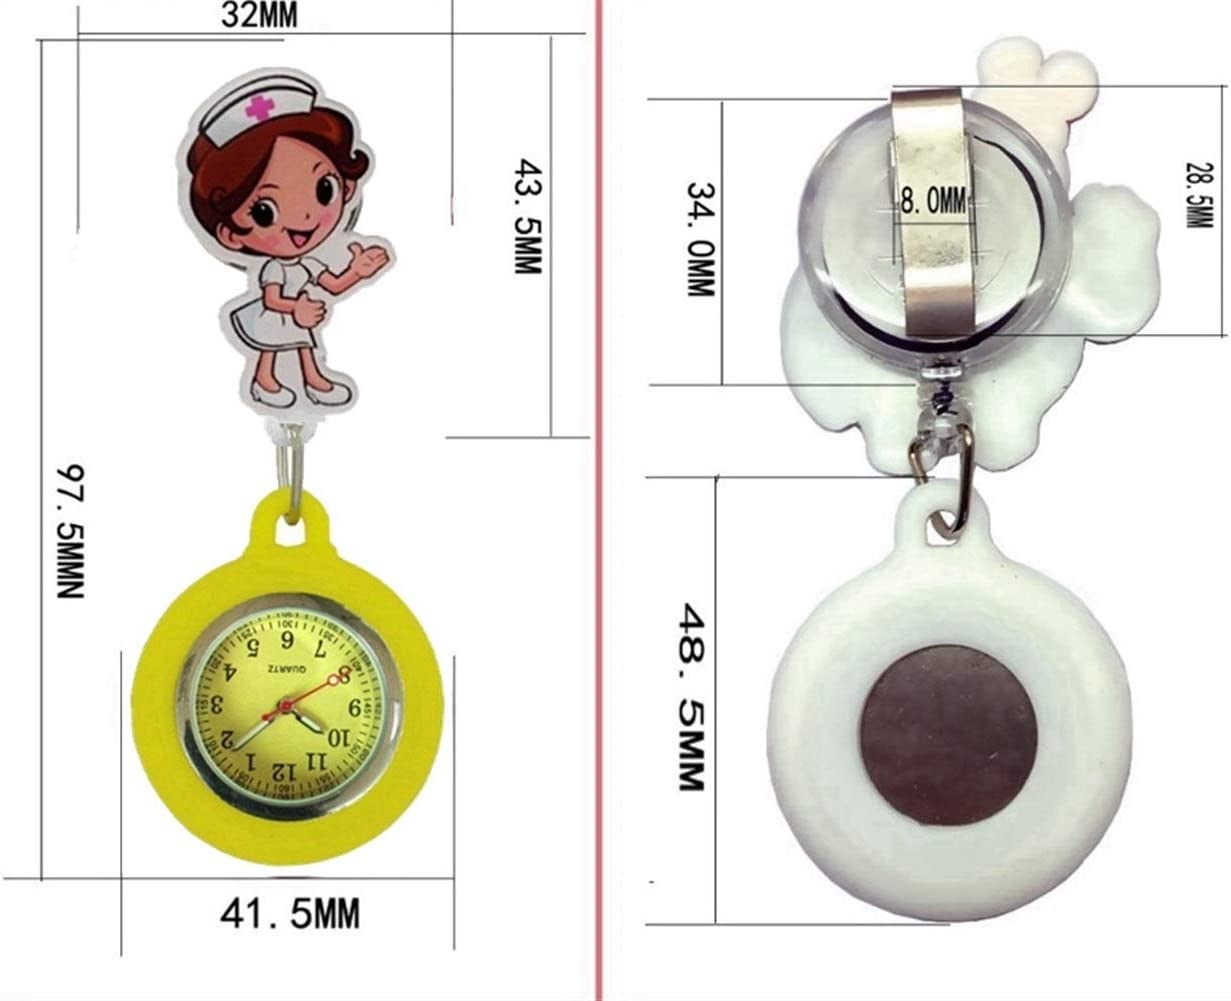 Montre Broche Badge Cartoon rétractable 3D bobine infirmière FOB Montres de poche Hommes Femmes Mesdames docteur coloré Belle montres à quartz cadeau Pour le travail à l'intérieur ( Color : 1 ) 5